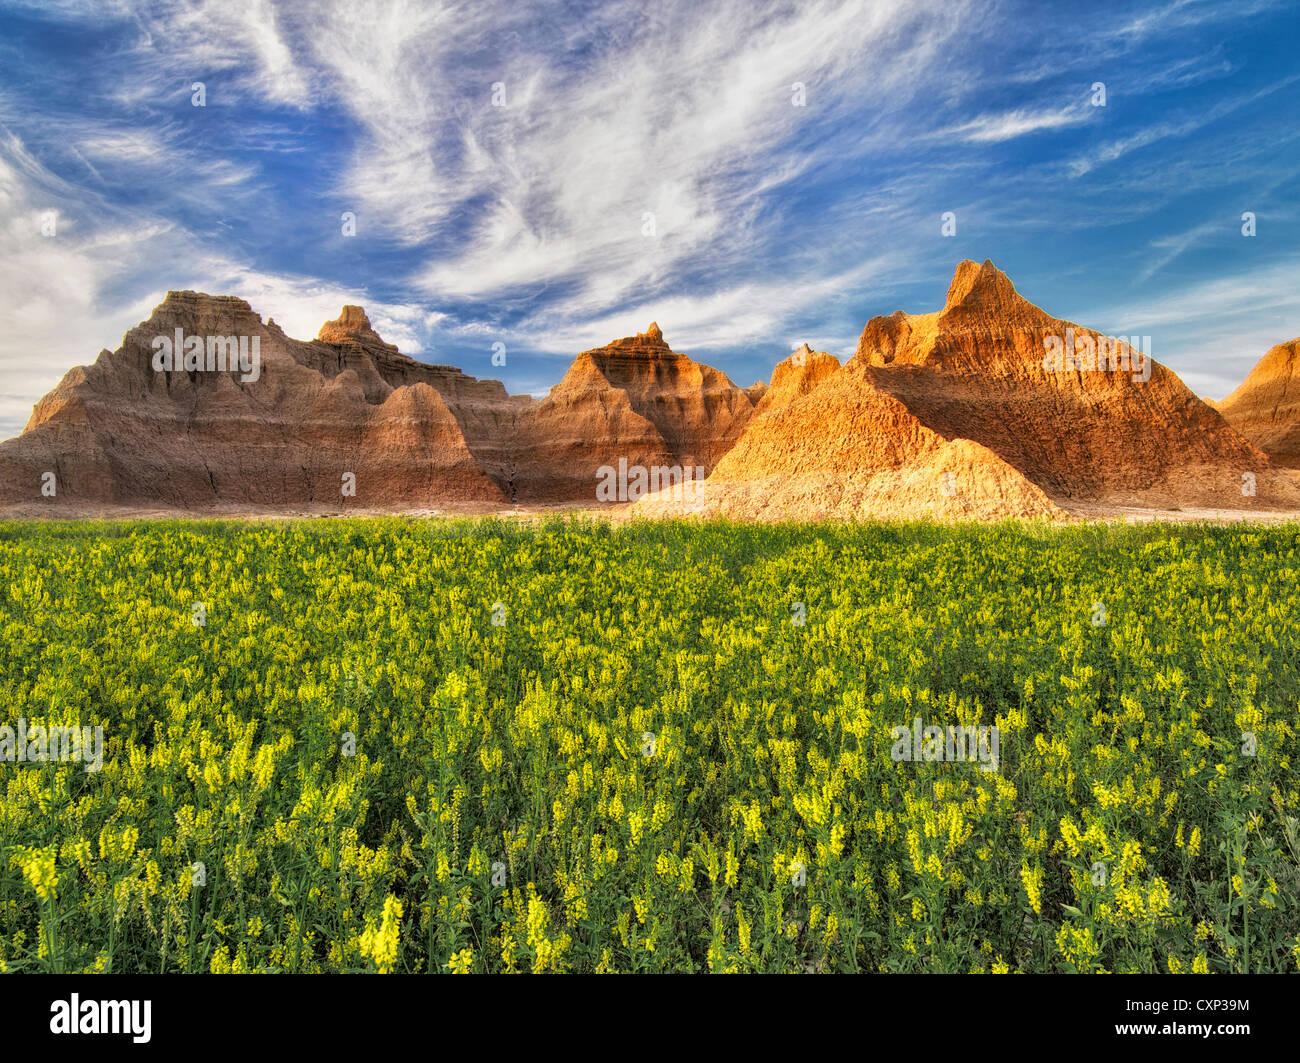 Giallo trifoglio dolce e formazioni rocciose. Parco nazionale Badlands, South Dakota. Immagini Stock